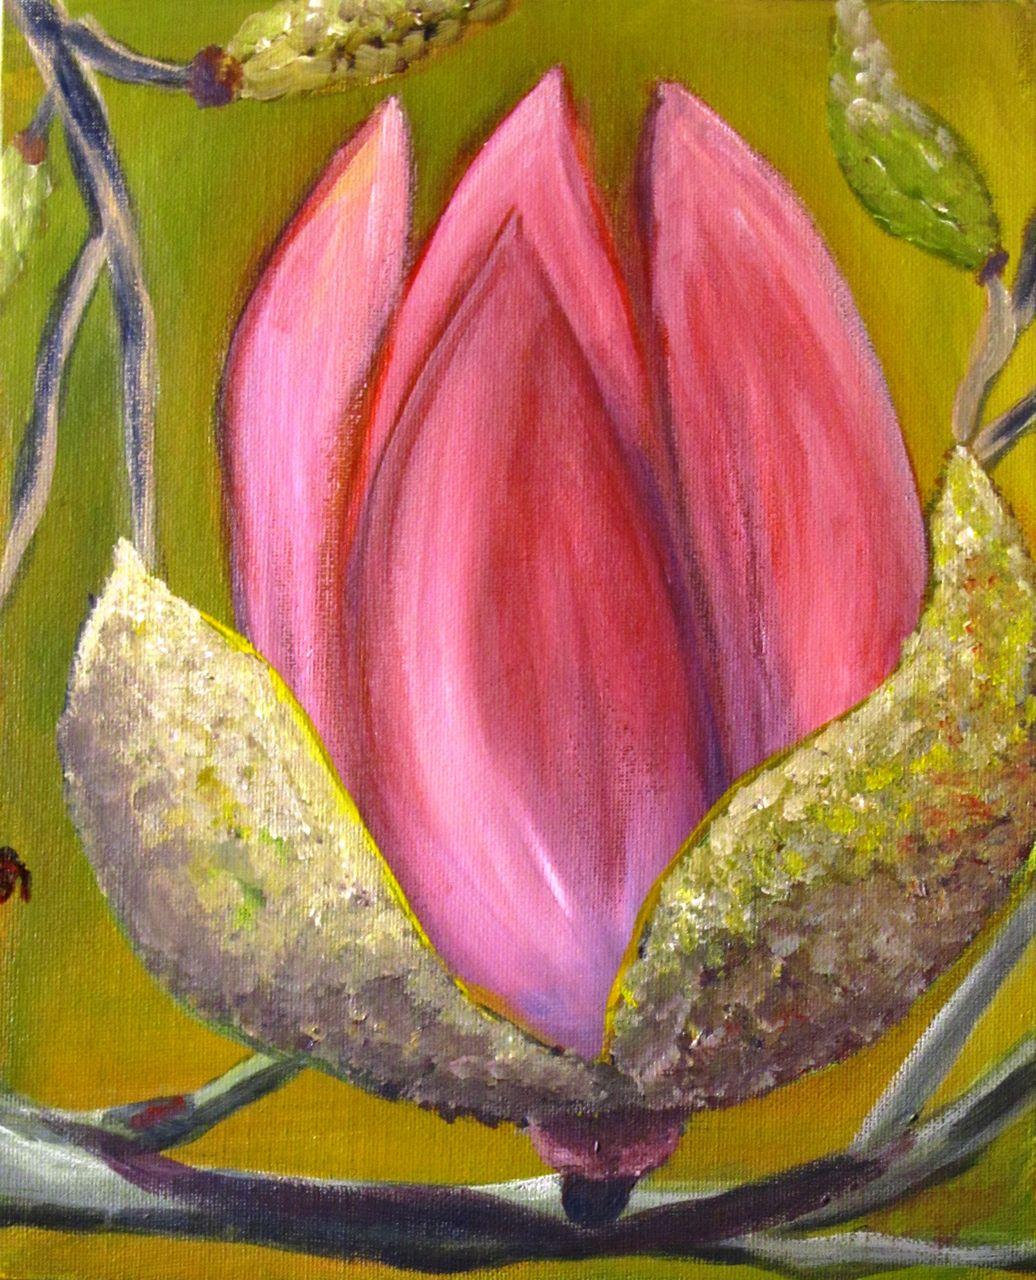 bild magnolien blumen baum strauch von elvipe bei kunstnet. Black Bedroom Furniture Sets. Home Design Ideas